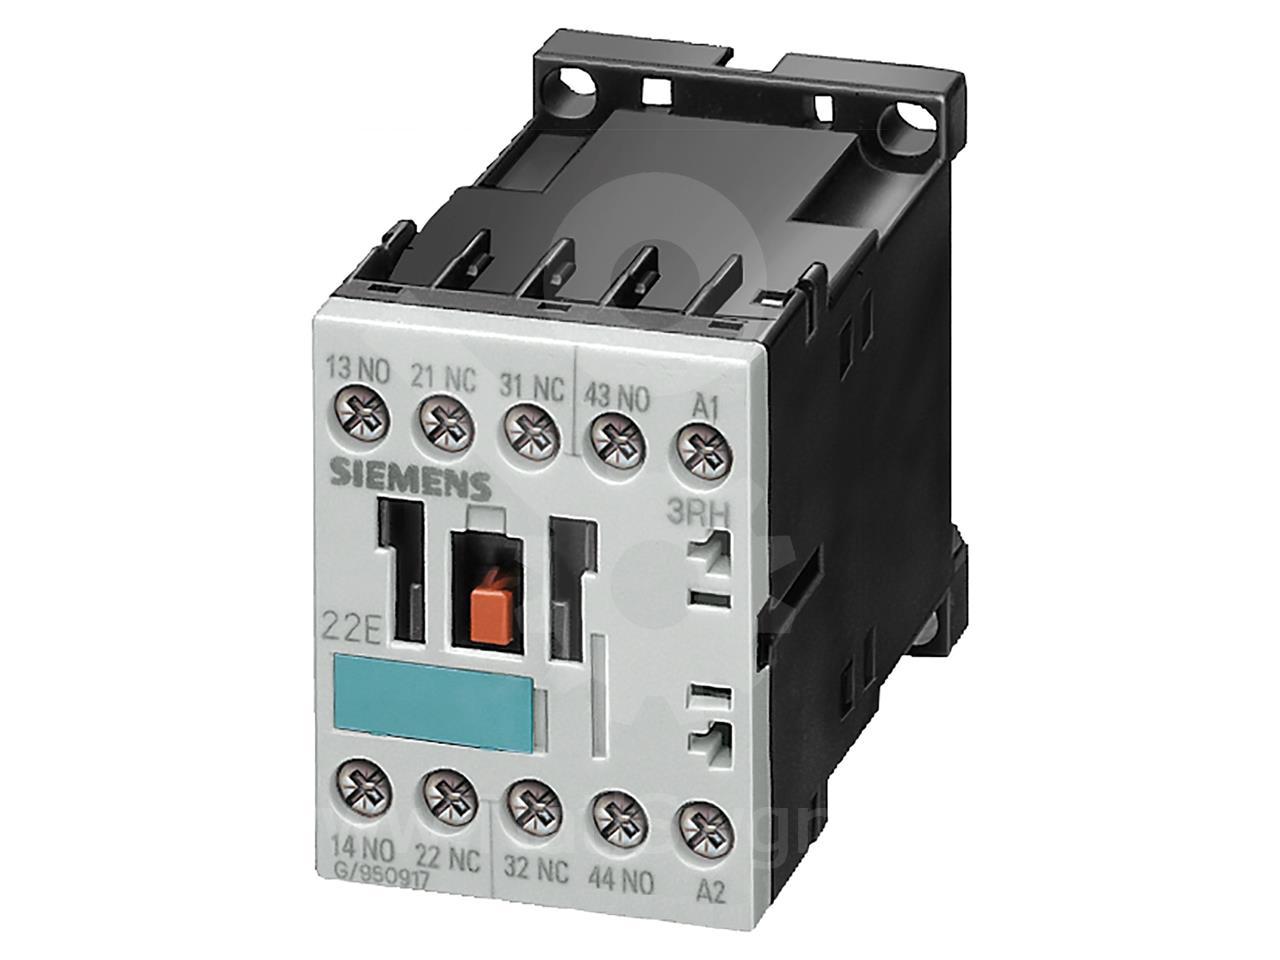 Siemens / Allis Chalmers SA 125VDC CONTACTOR RELAY UNUSED SURPLUS